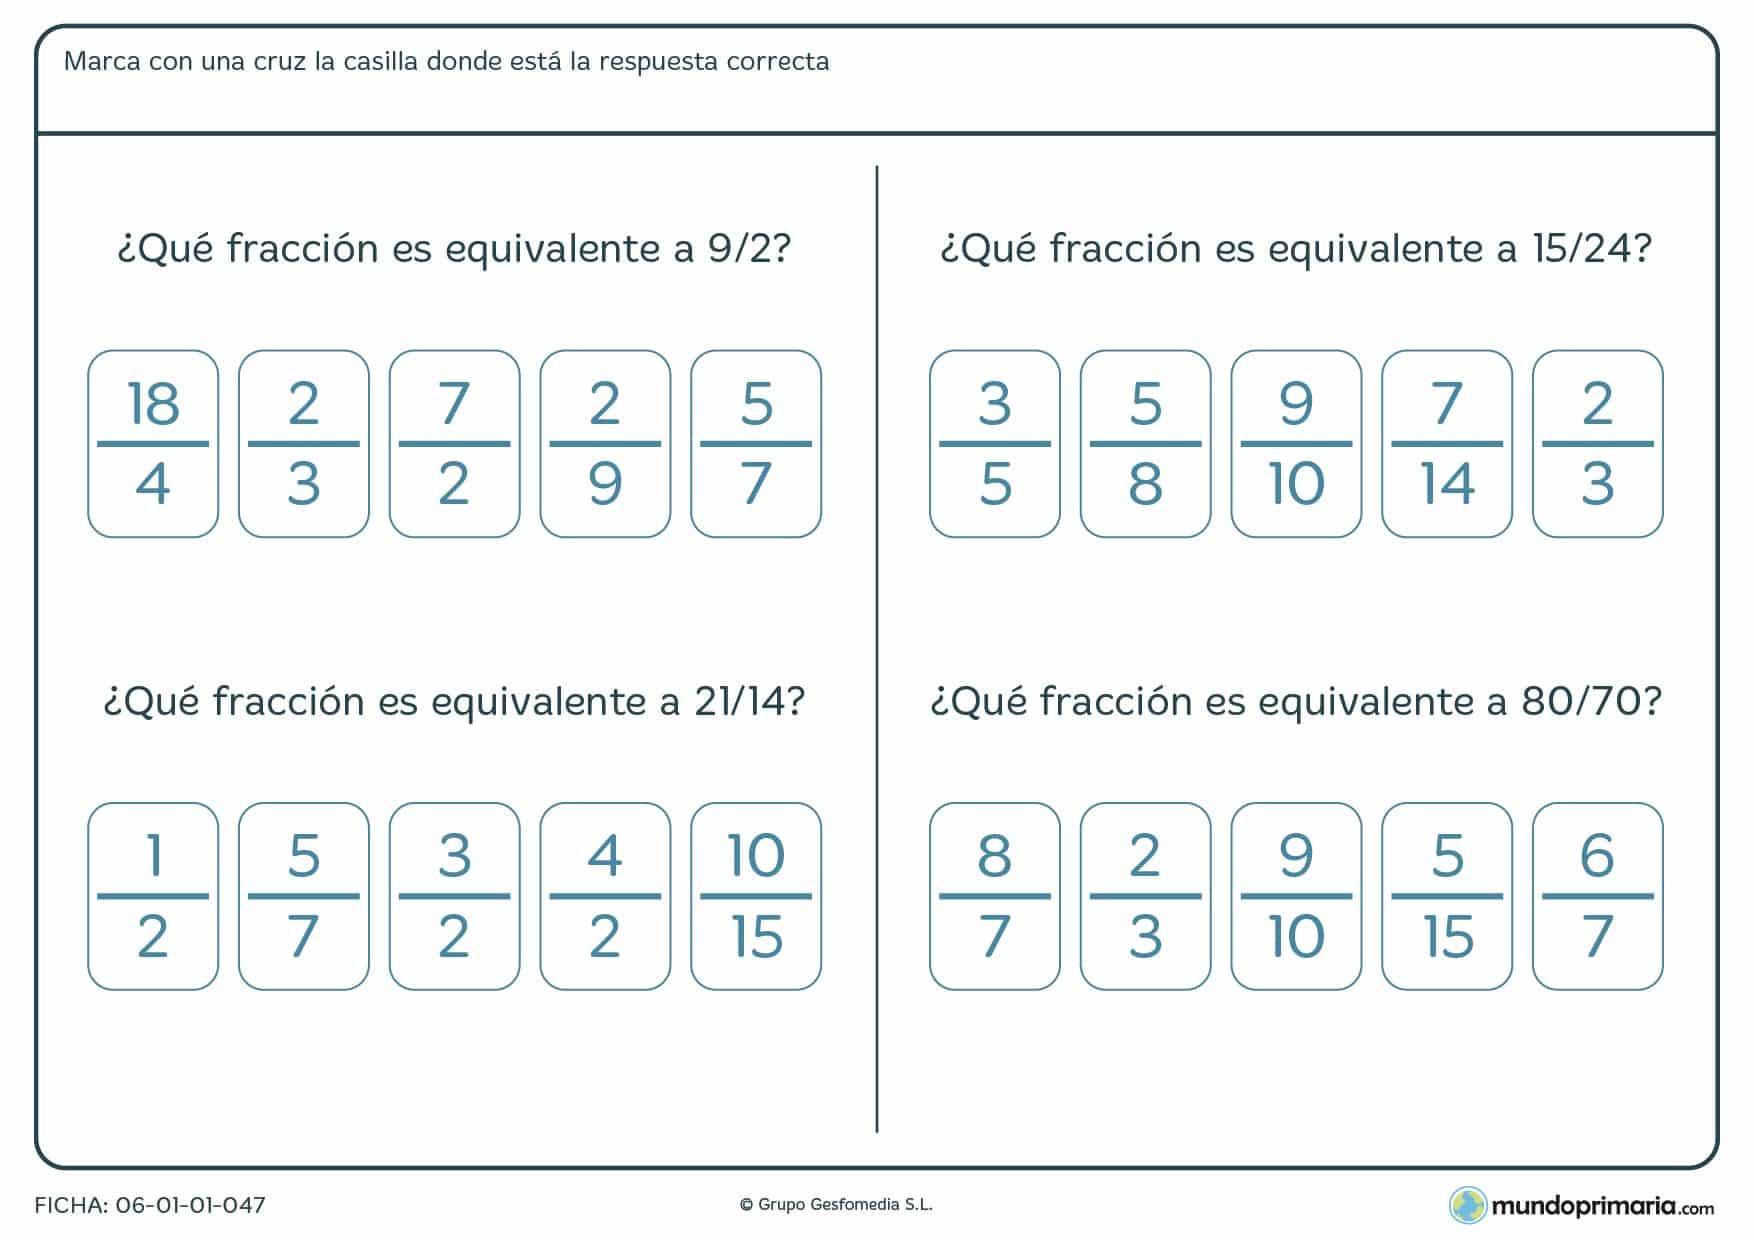 Ficha recomendada para alumnos de cuarto de Primaria que quieran repasar el tema de las fracciones equivalentes